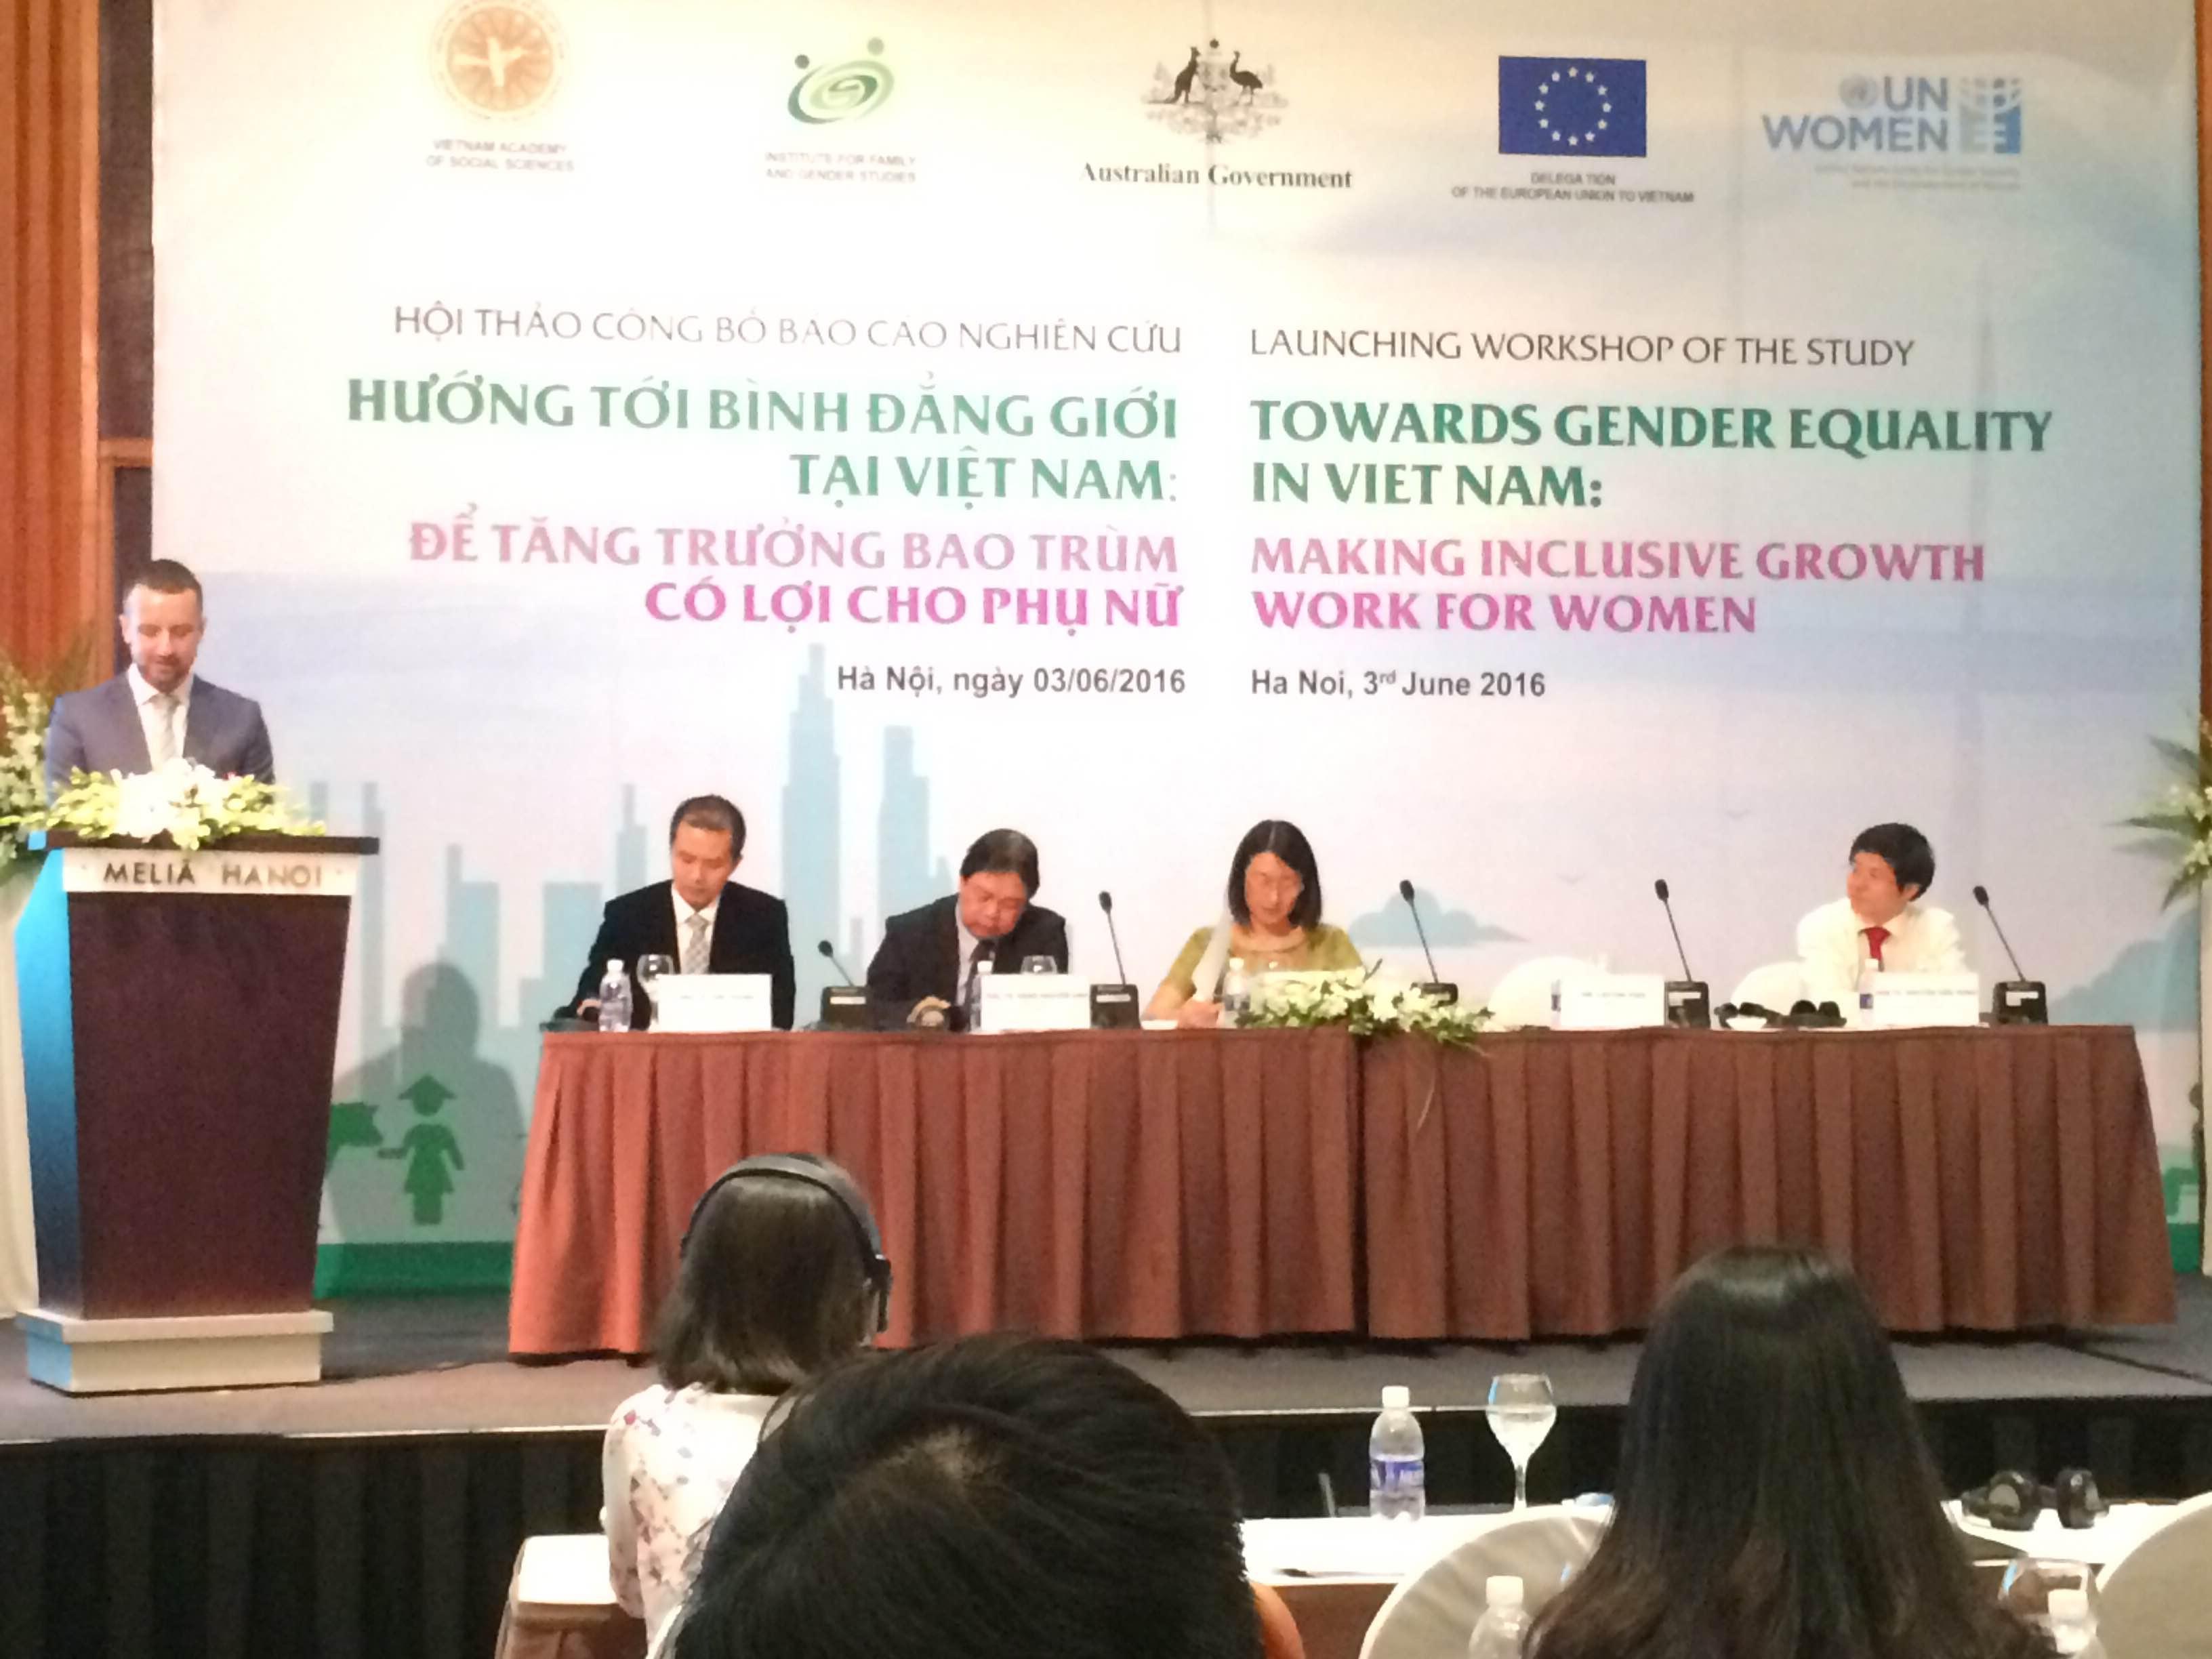 Đầu tư vào phụ nữ là đầu tư vào tăng trưởng kinh tế